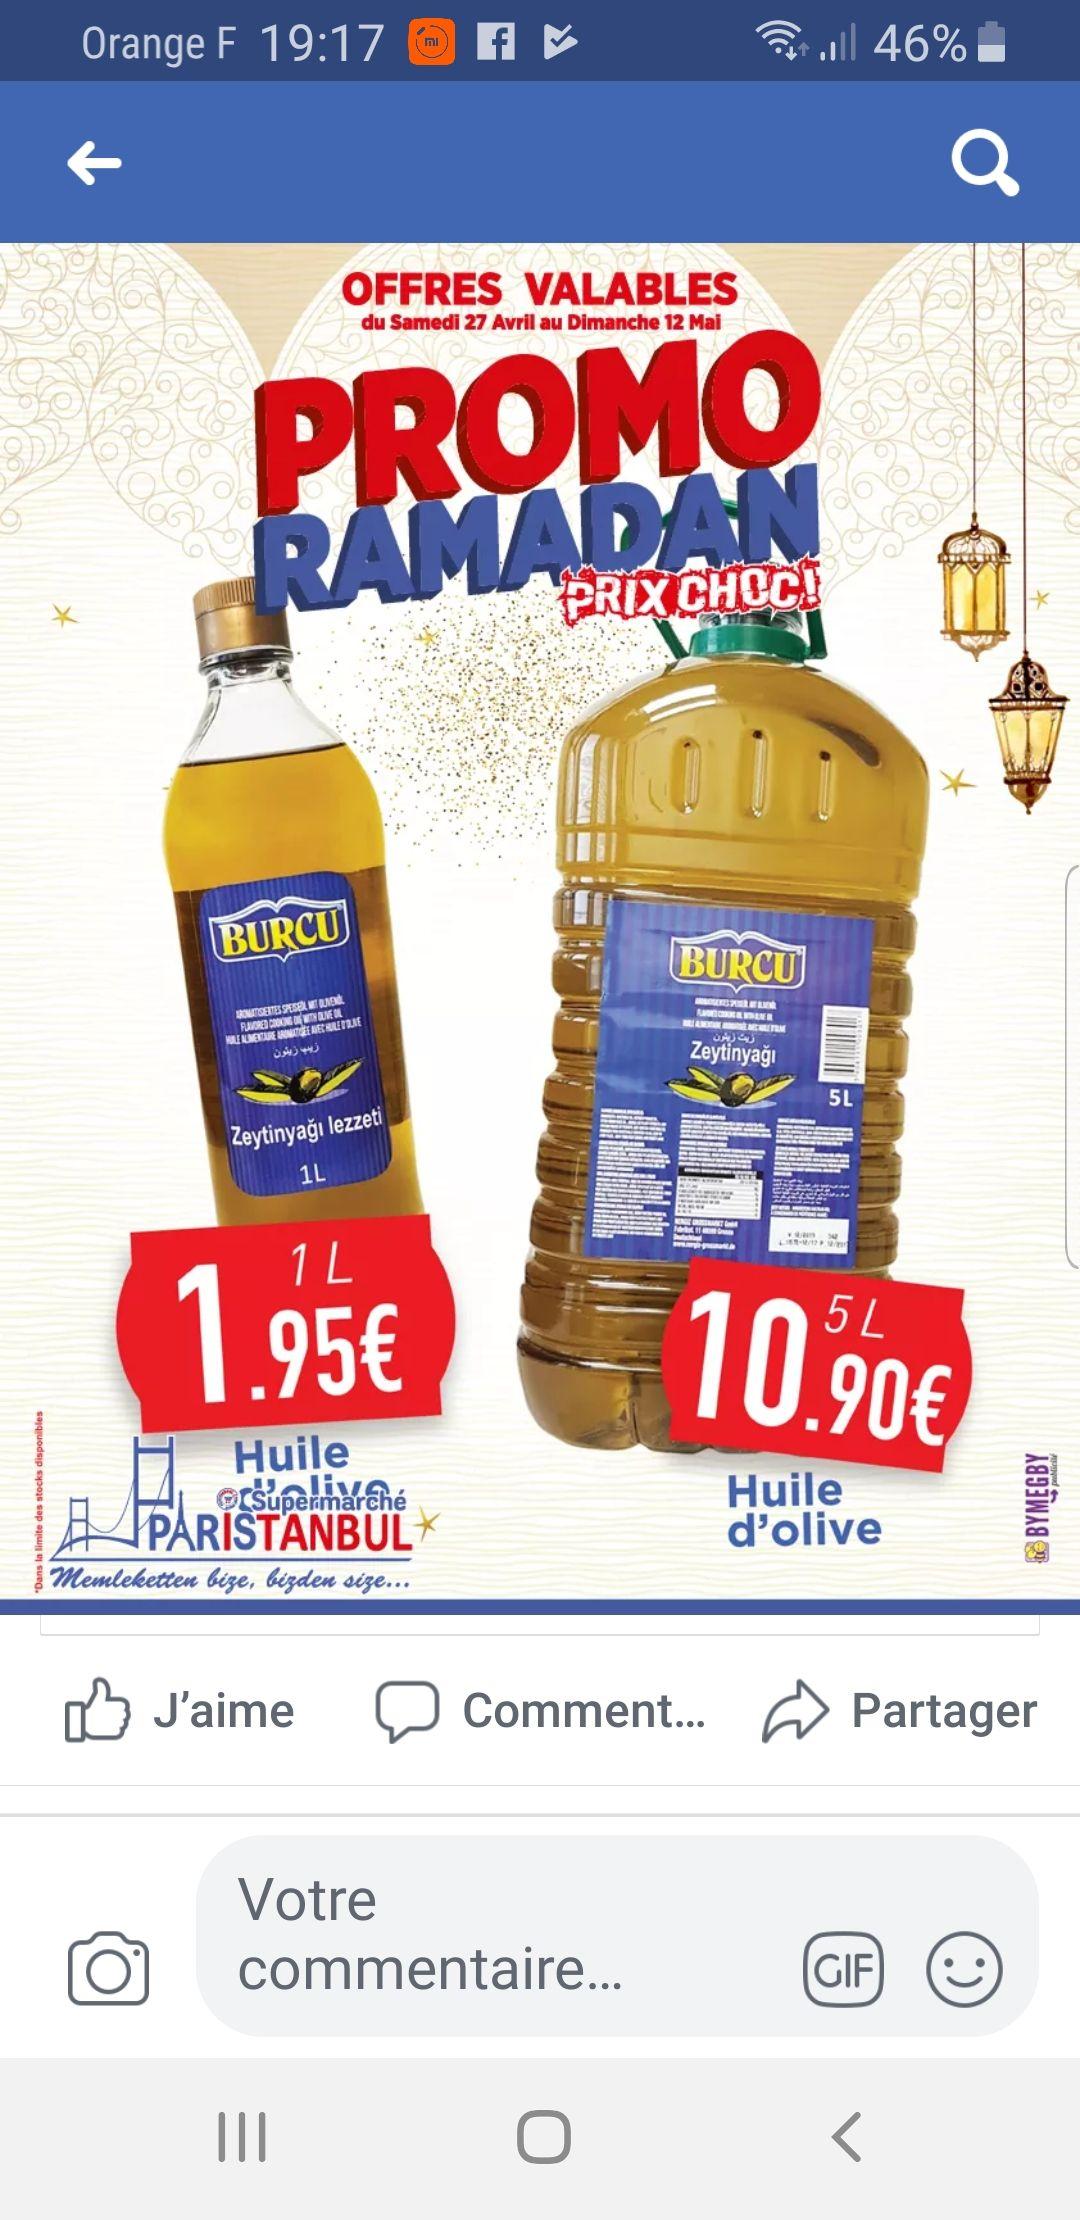 Bouteille d'Huile d'olive 1L - Express Paristanbul Villiers-le-Bel (95)